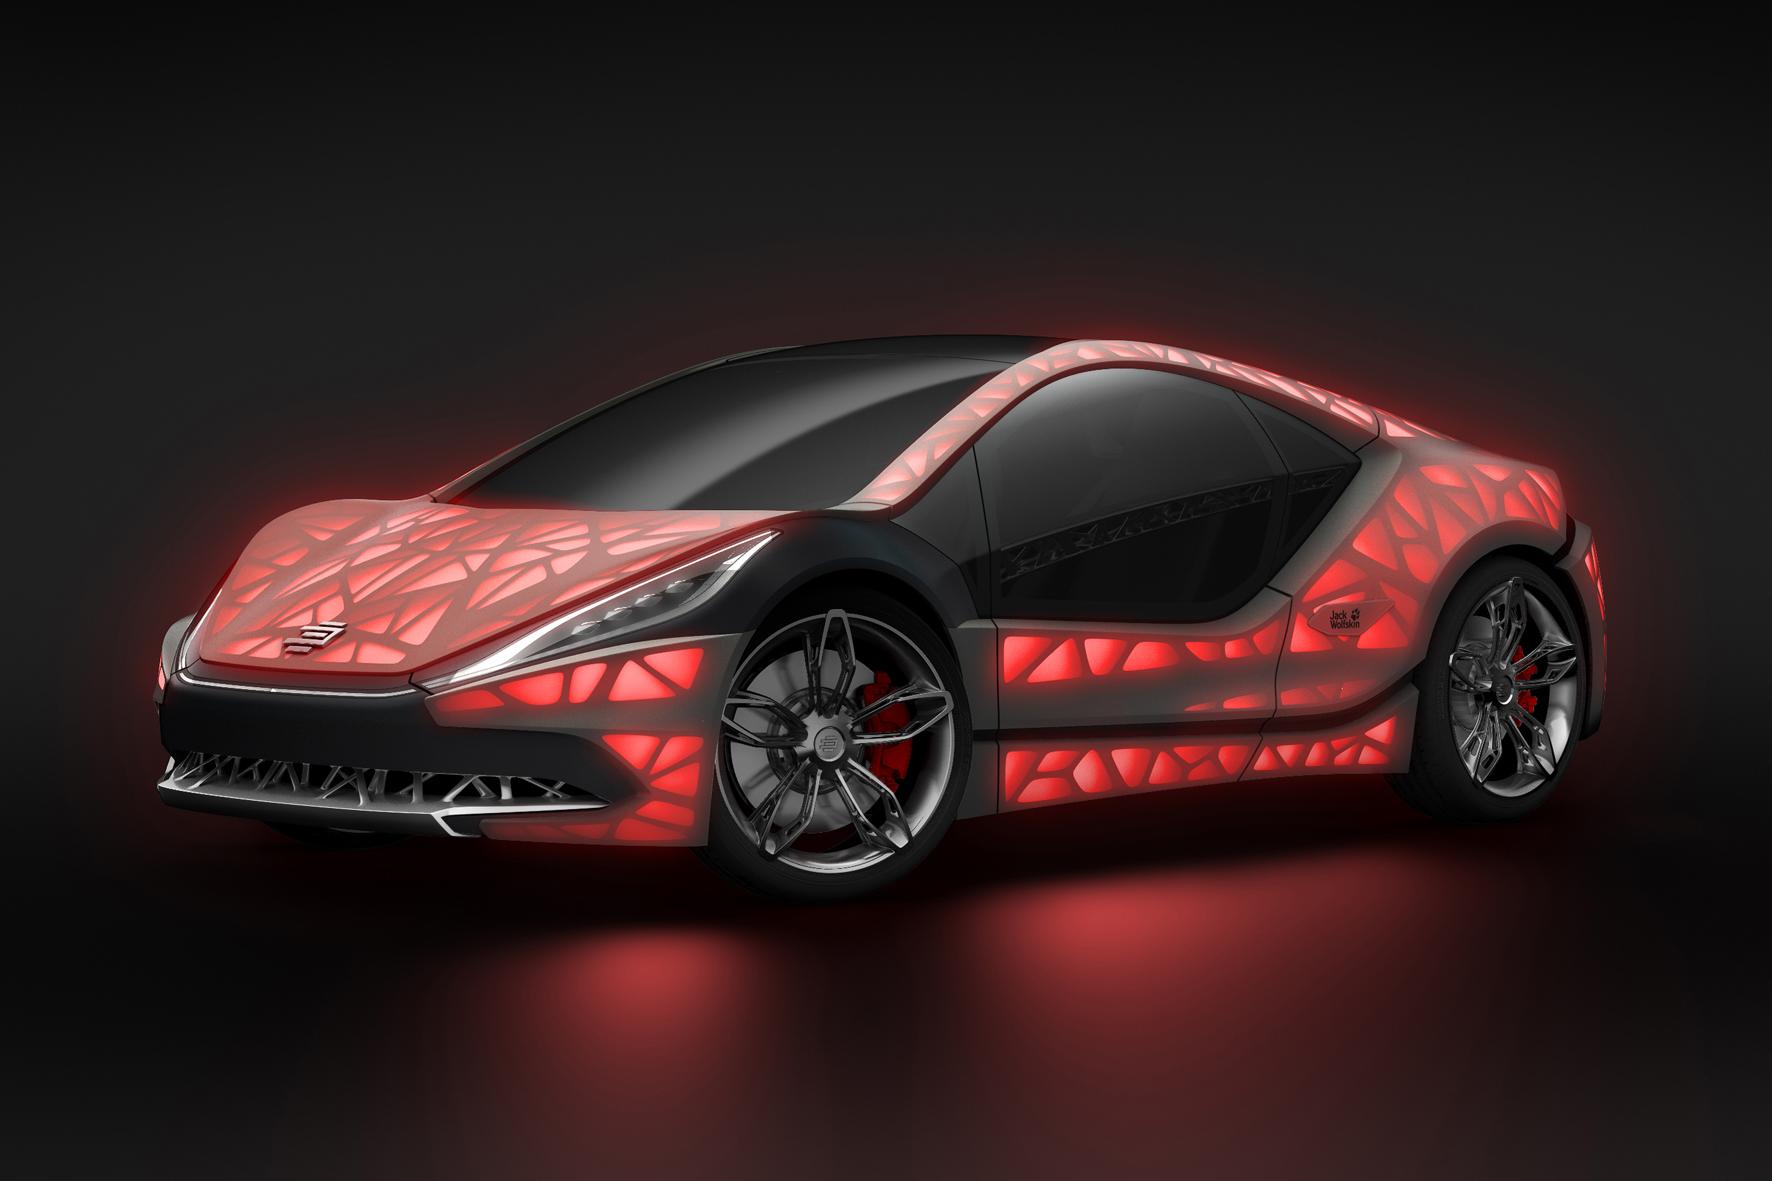 Edag: Leichtbau-Sportwagen mit Textil-Haut